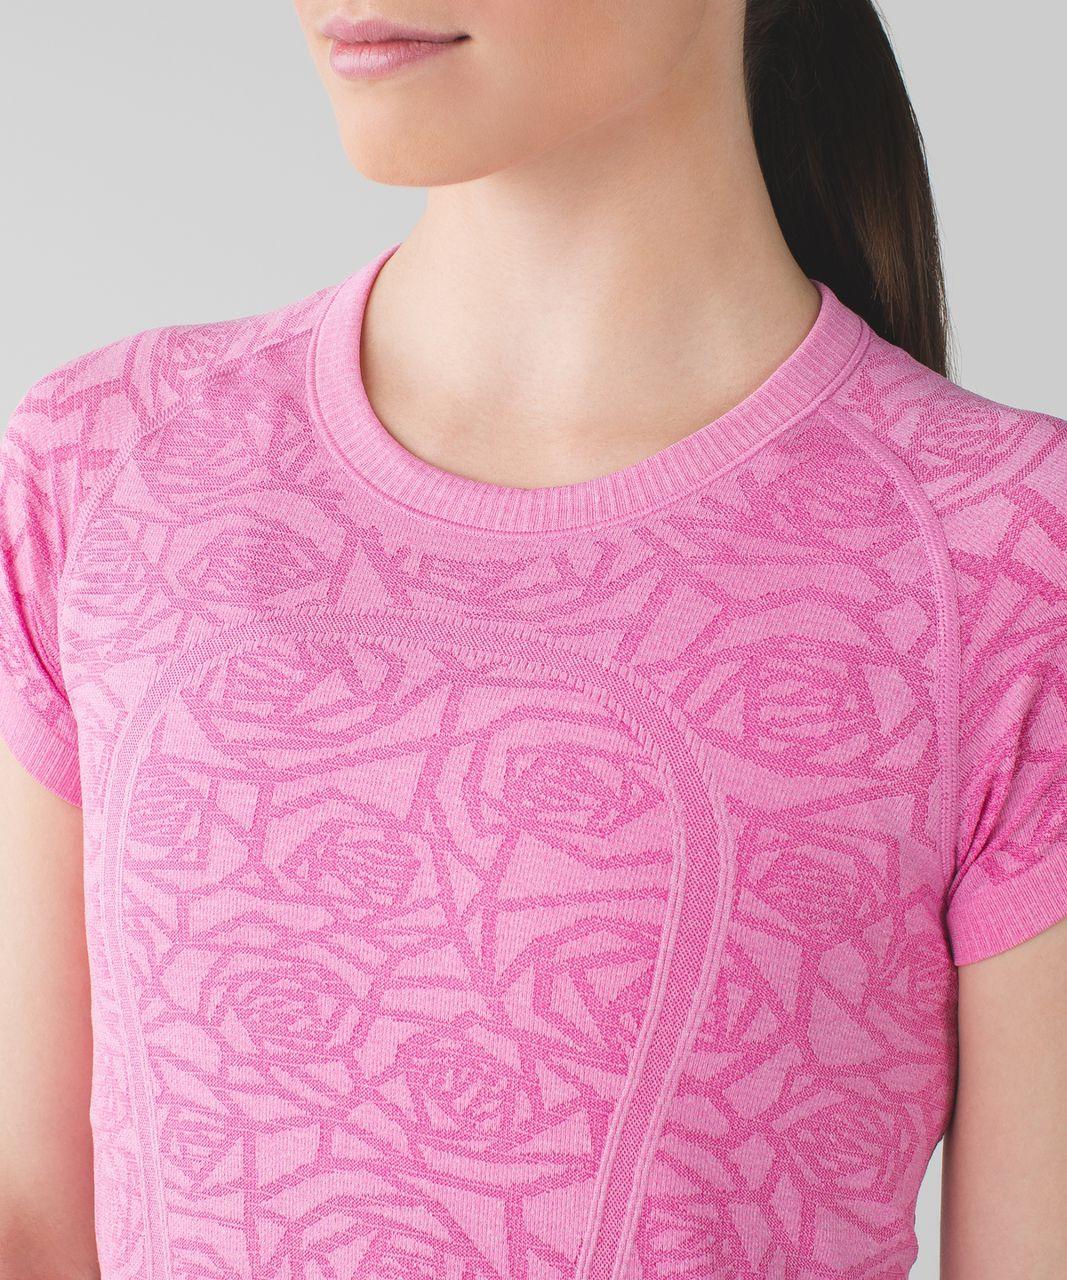 Lululemon Swiftly Tech Short Sleeve Crew - Heathered Pink Paradise